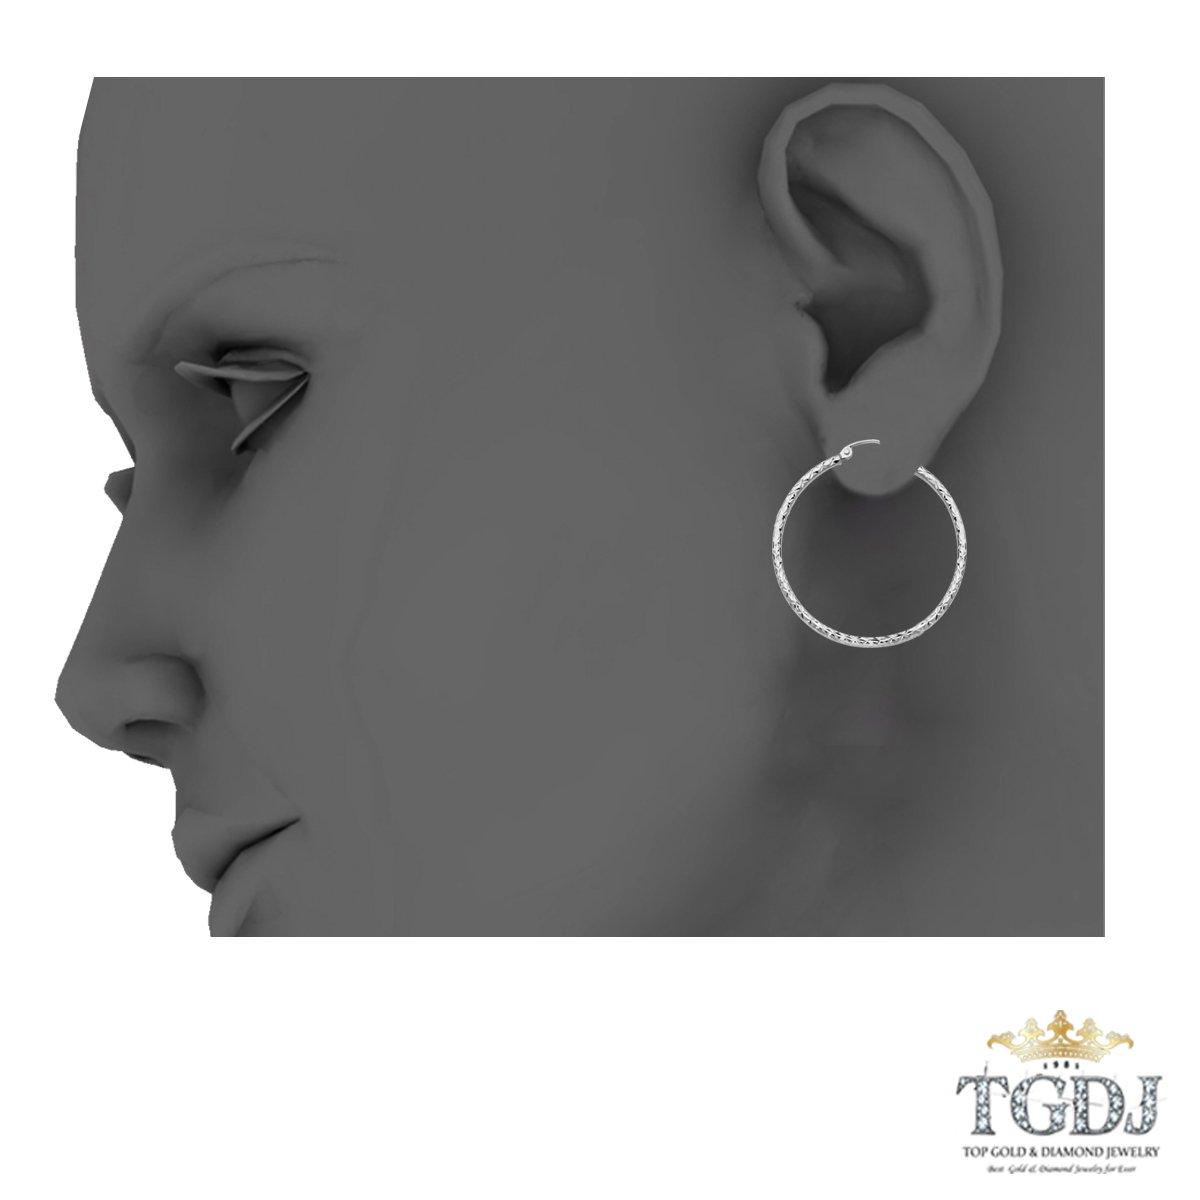 14K White Gold 1.5mm Hoop Earrings Diameter - 15 MM